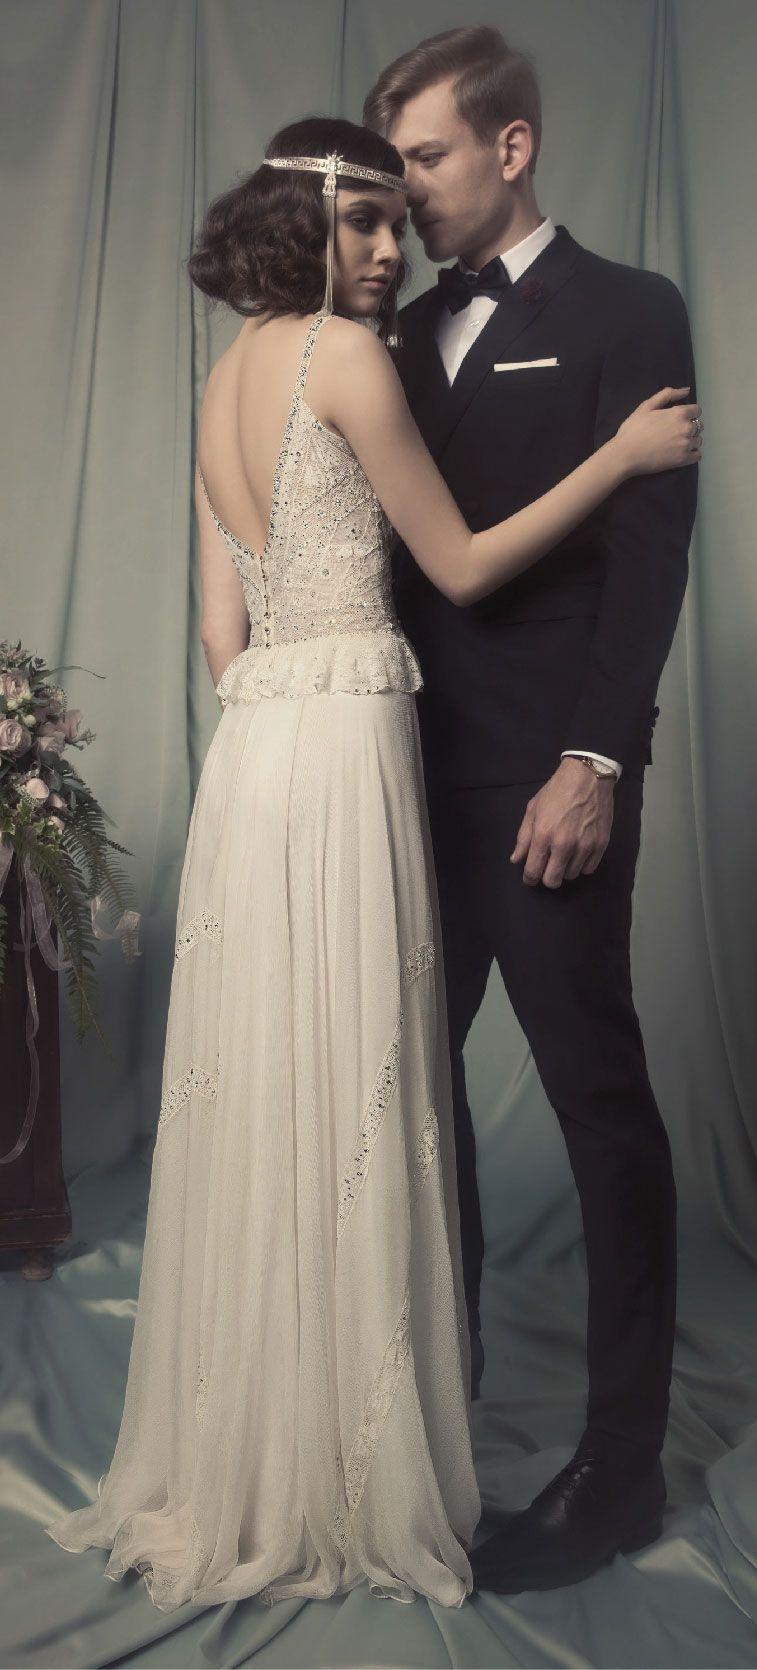 Hila Gaon 2018 Wedding Dresses